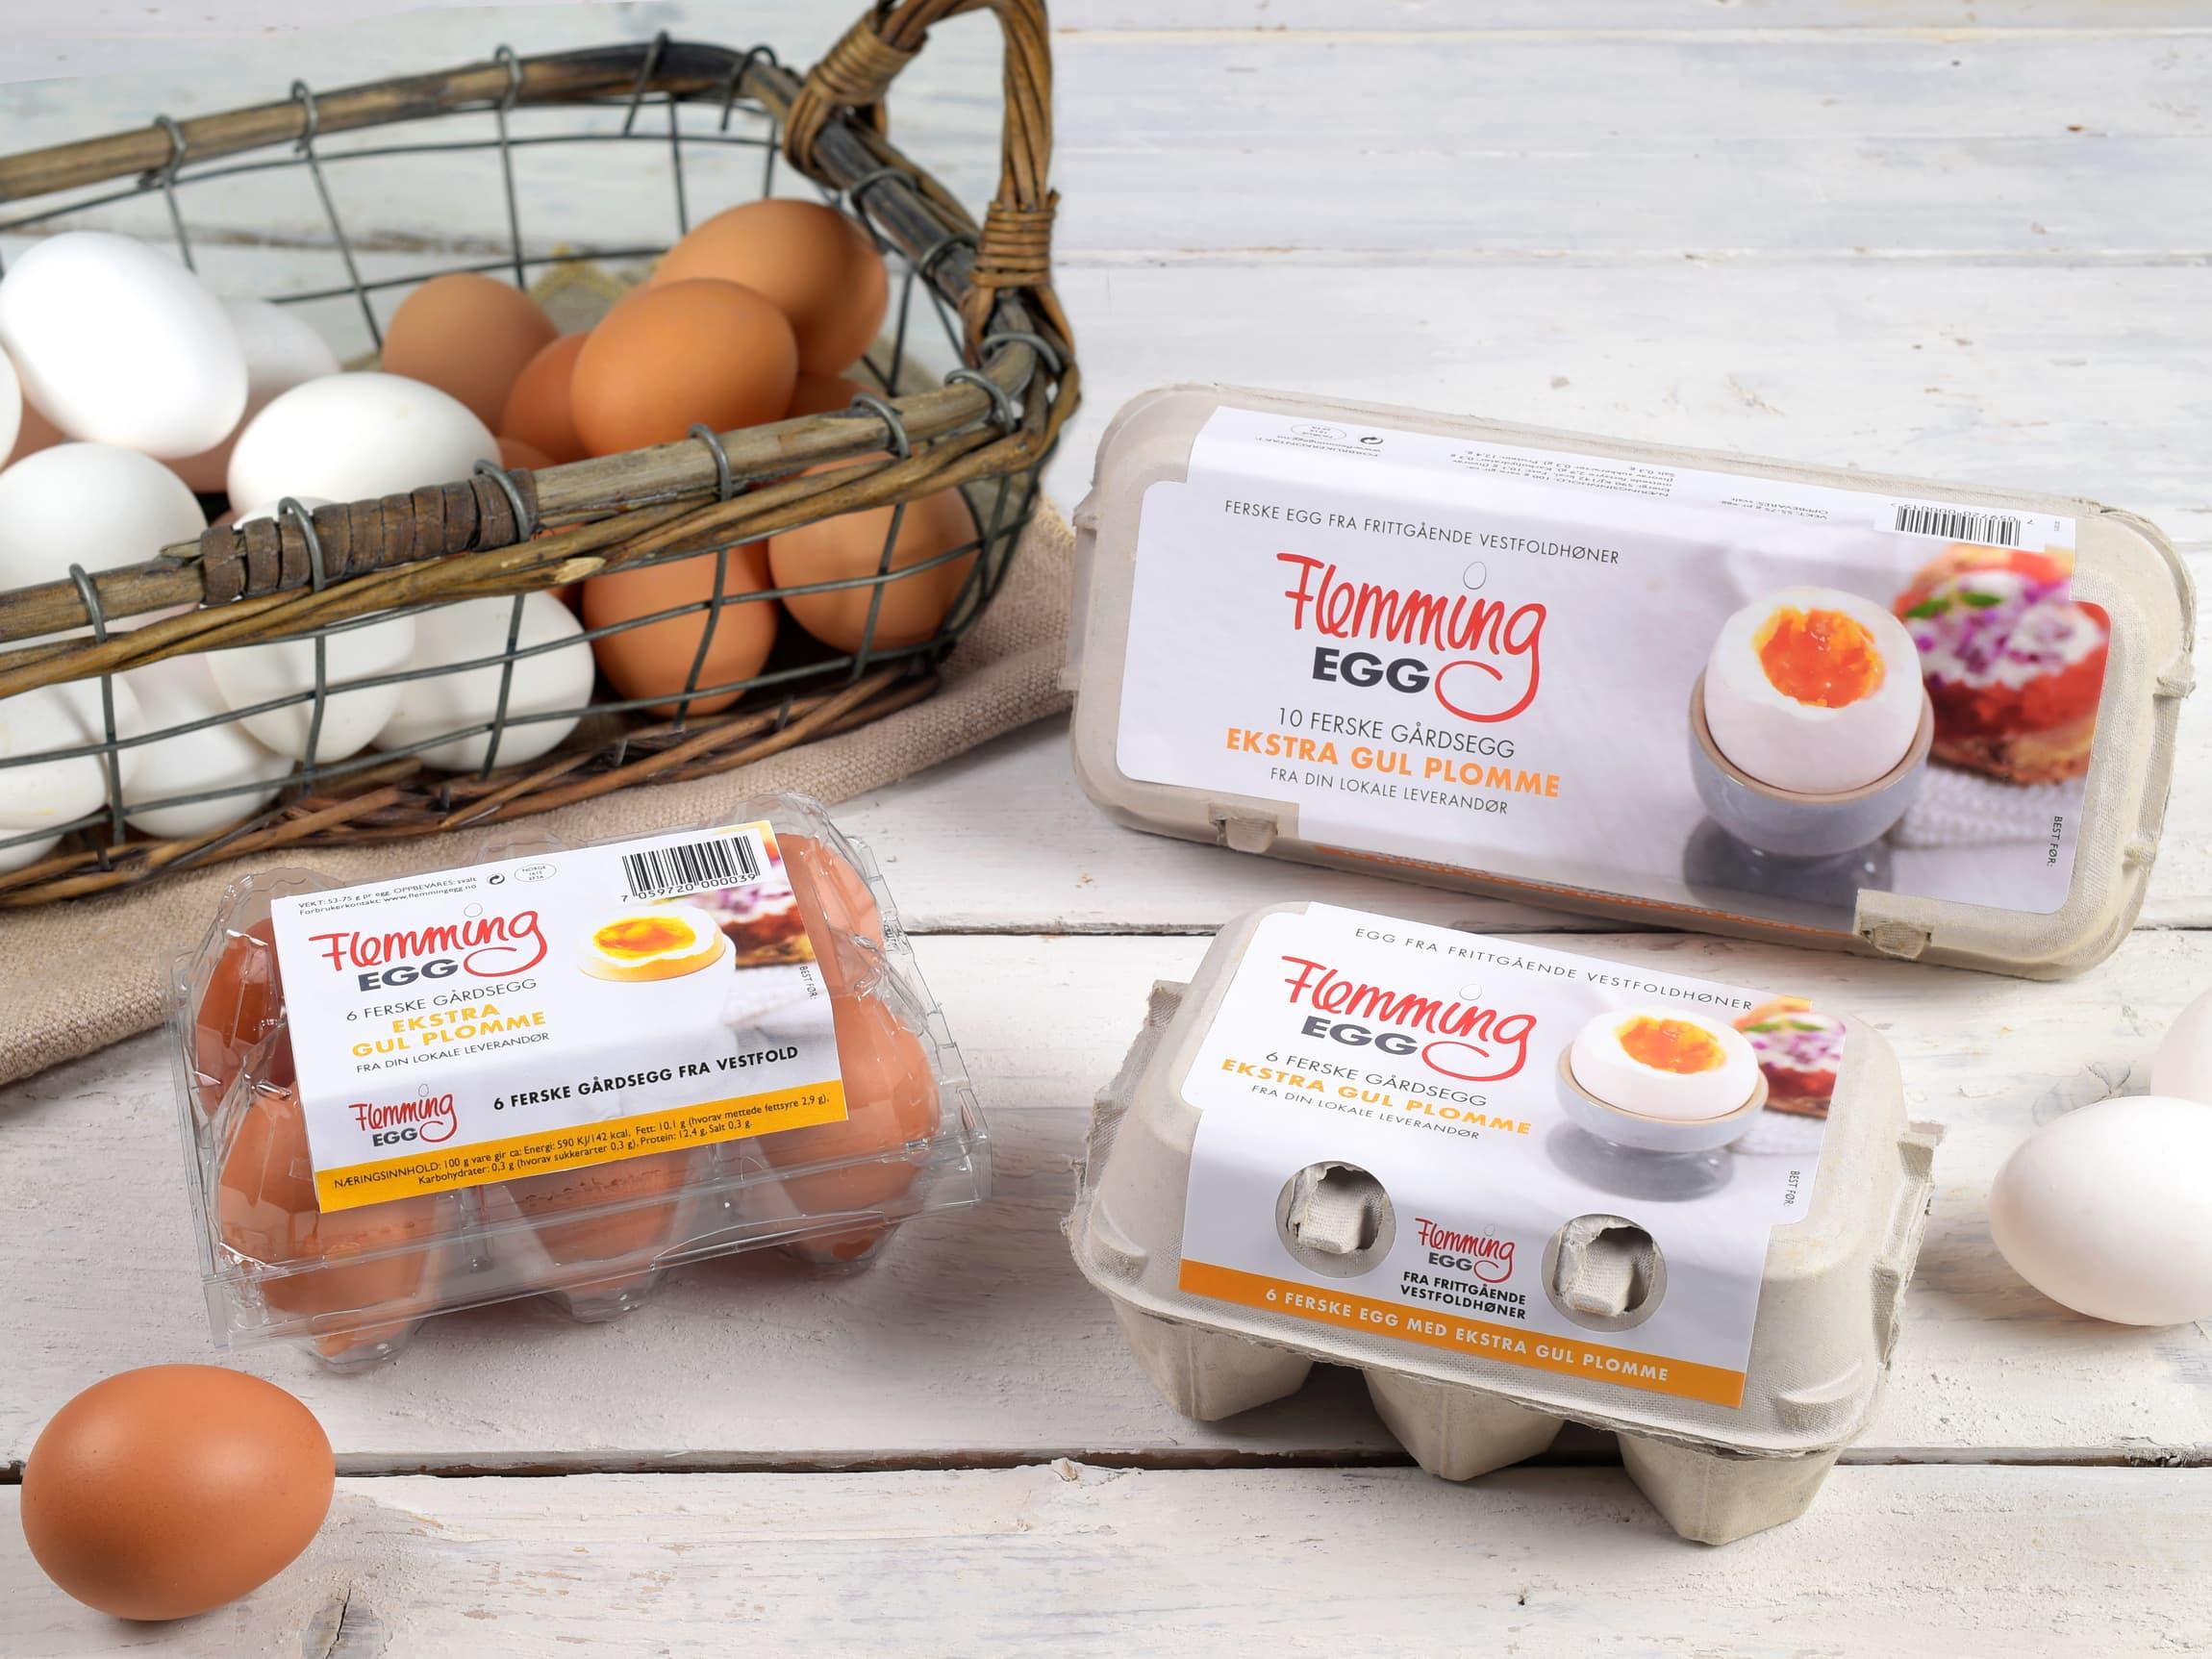 Flemming egg - Nøtterøy og Tjøme